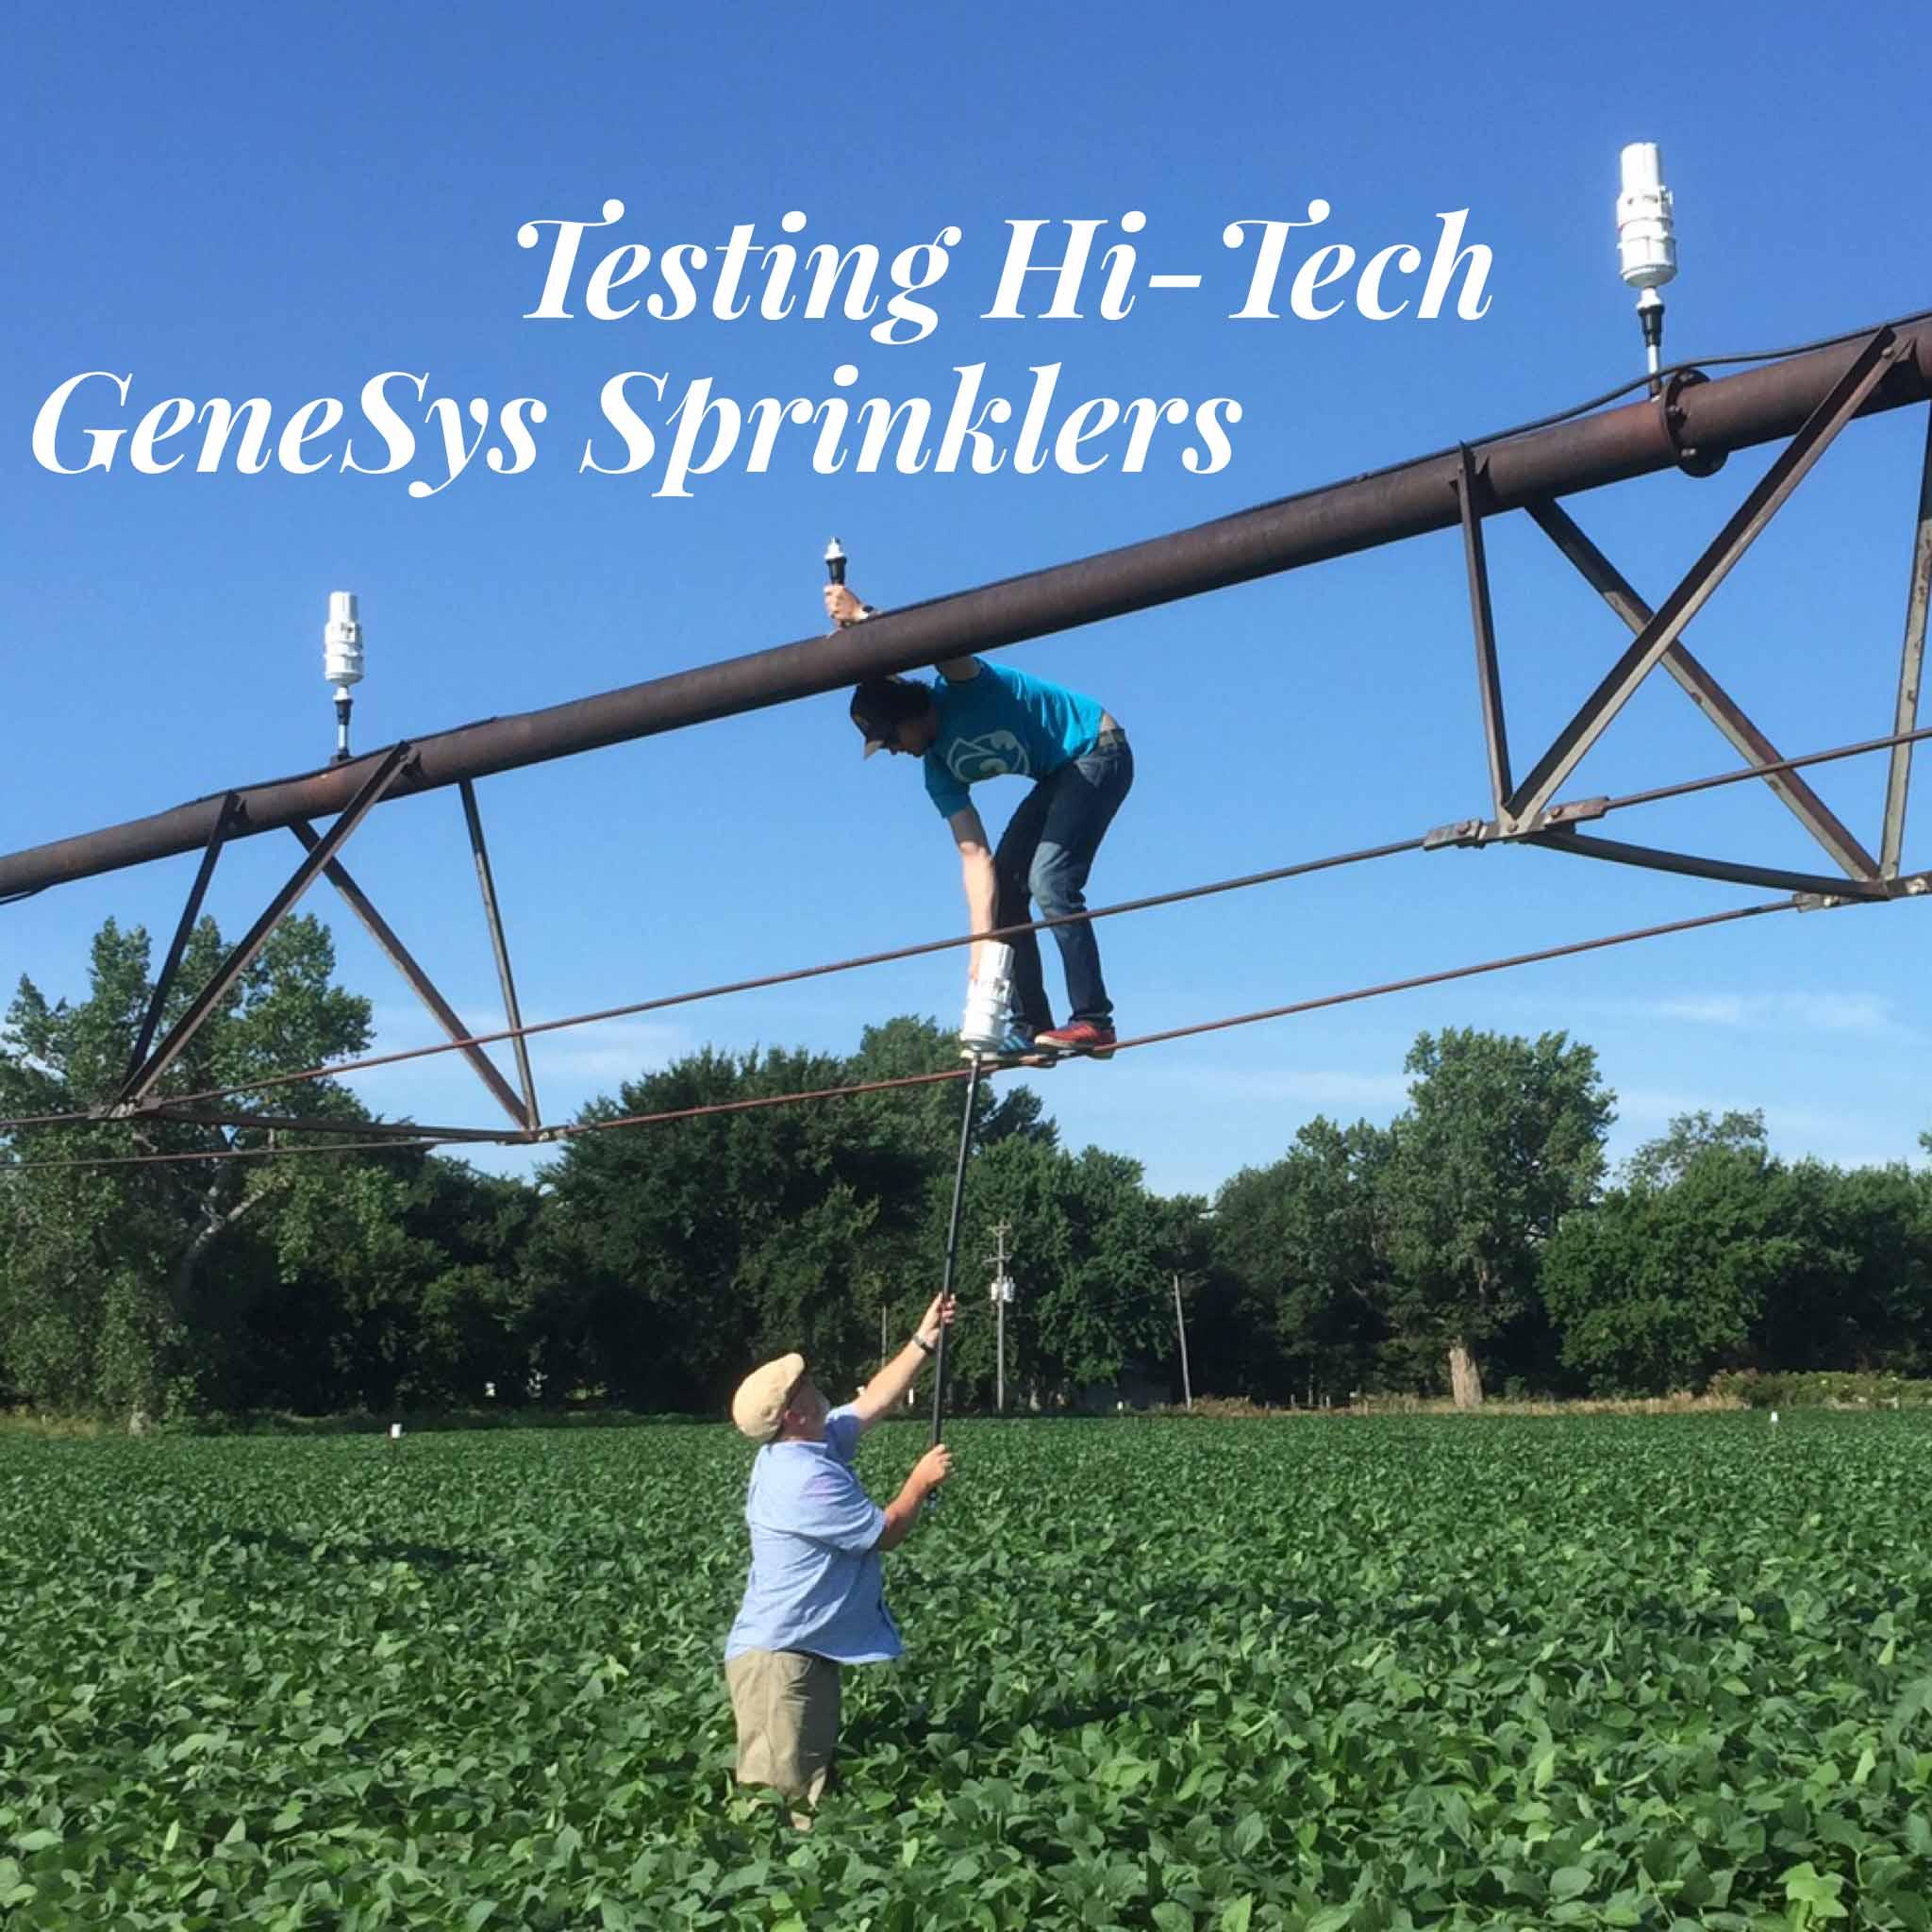 Installing GeneSys Sprinklers